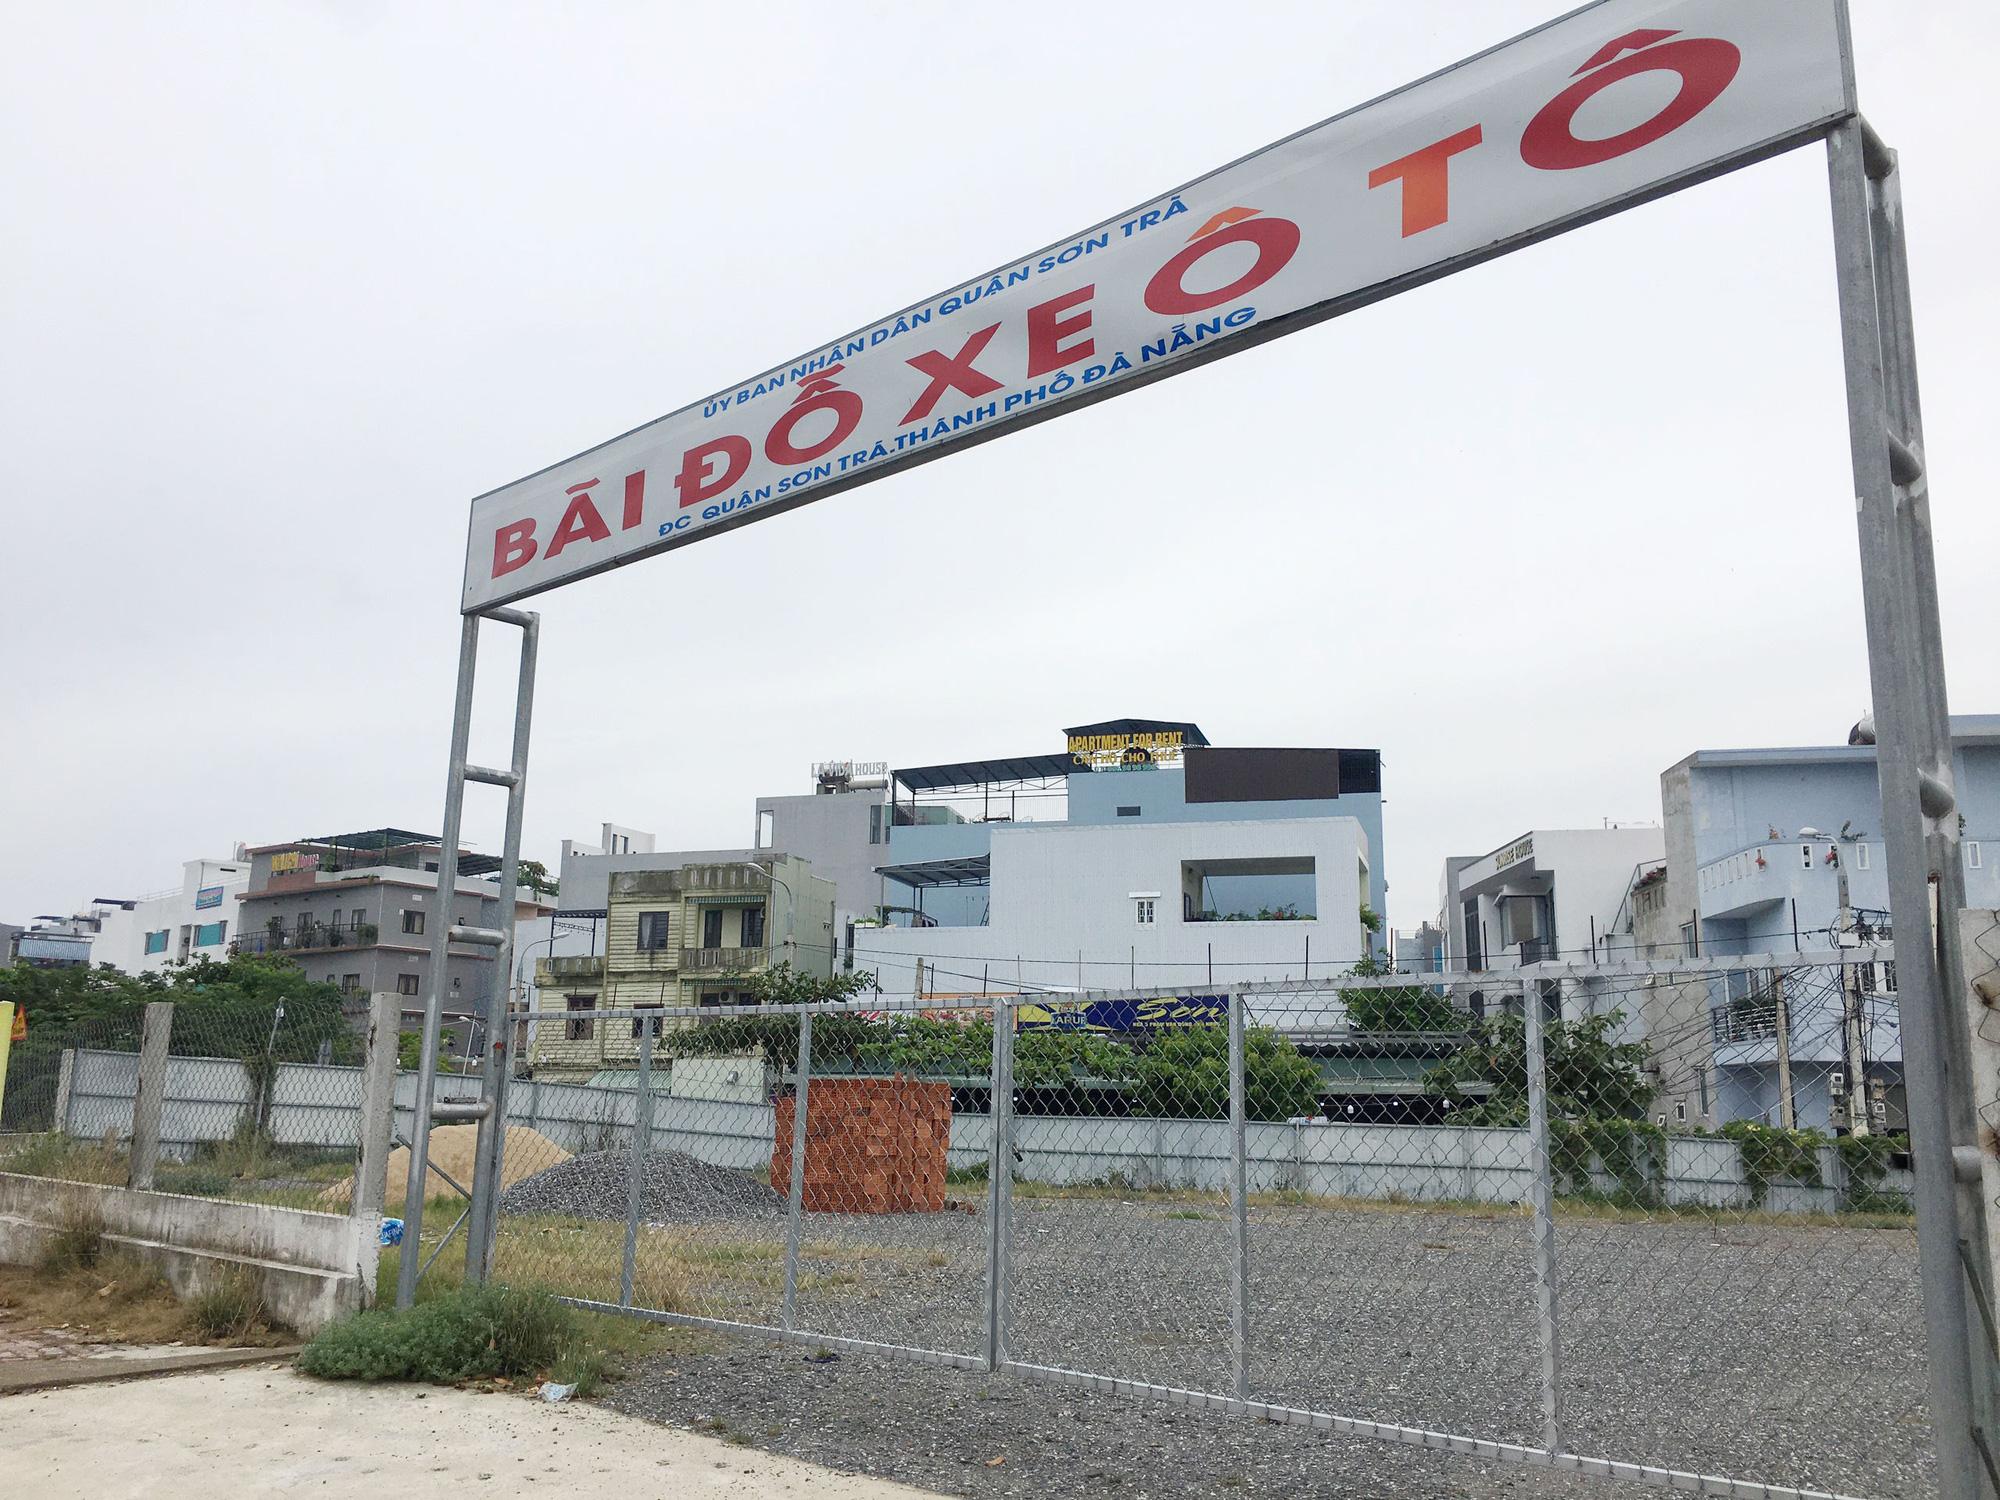 Cận cảnh hai khu đất sát Vincom Đà Nẵng sẽ đấu giá làm bãi đỗ xe - Ảnh 3.